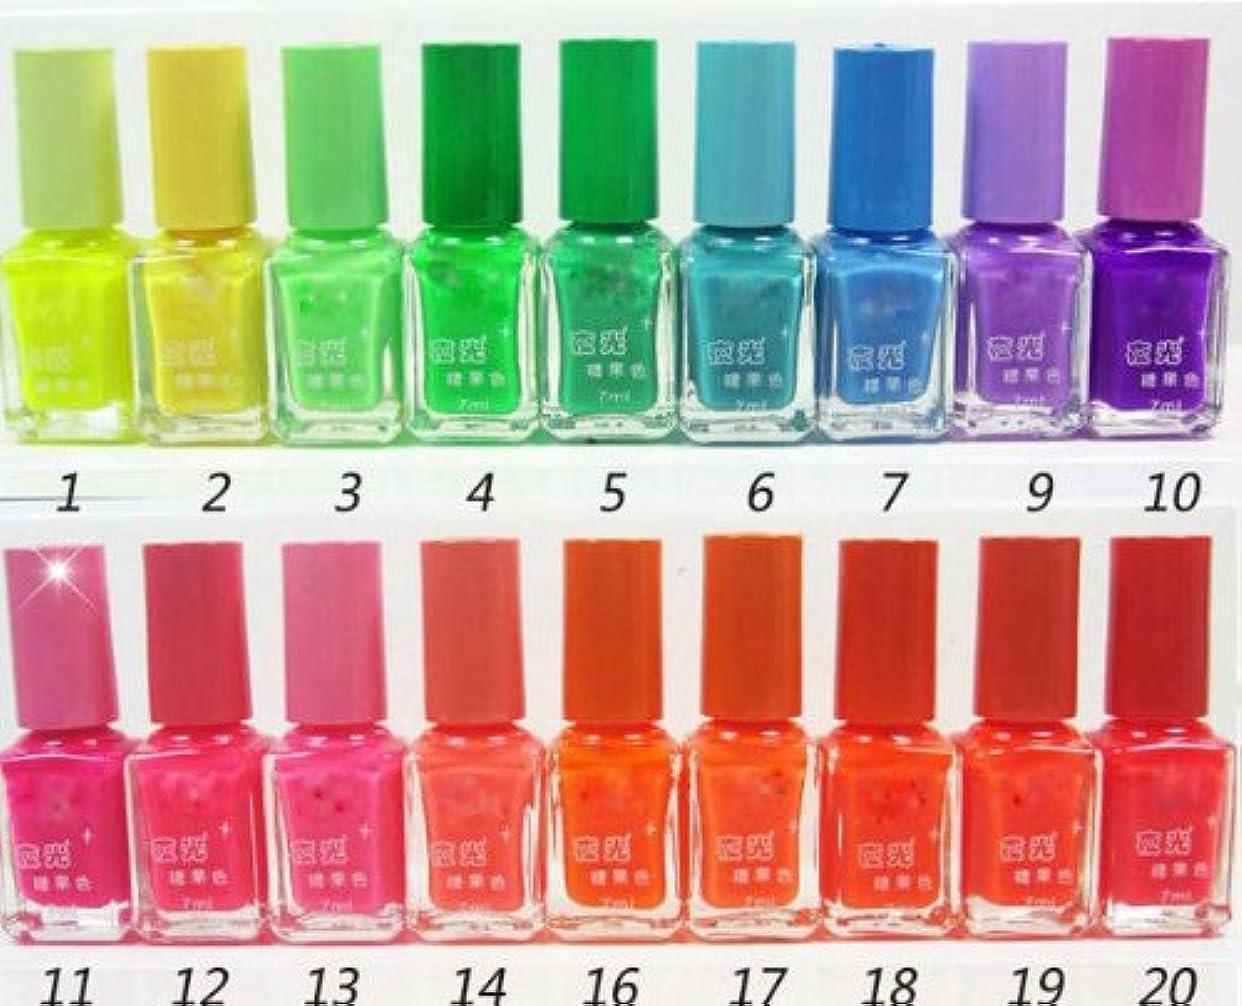 スーパーソビエト結論1色1本のプロ7ミリリットル蛍光ネオンネイルアートポリッシュグローダークマニキュア液20色 (BK10)